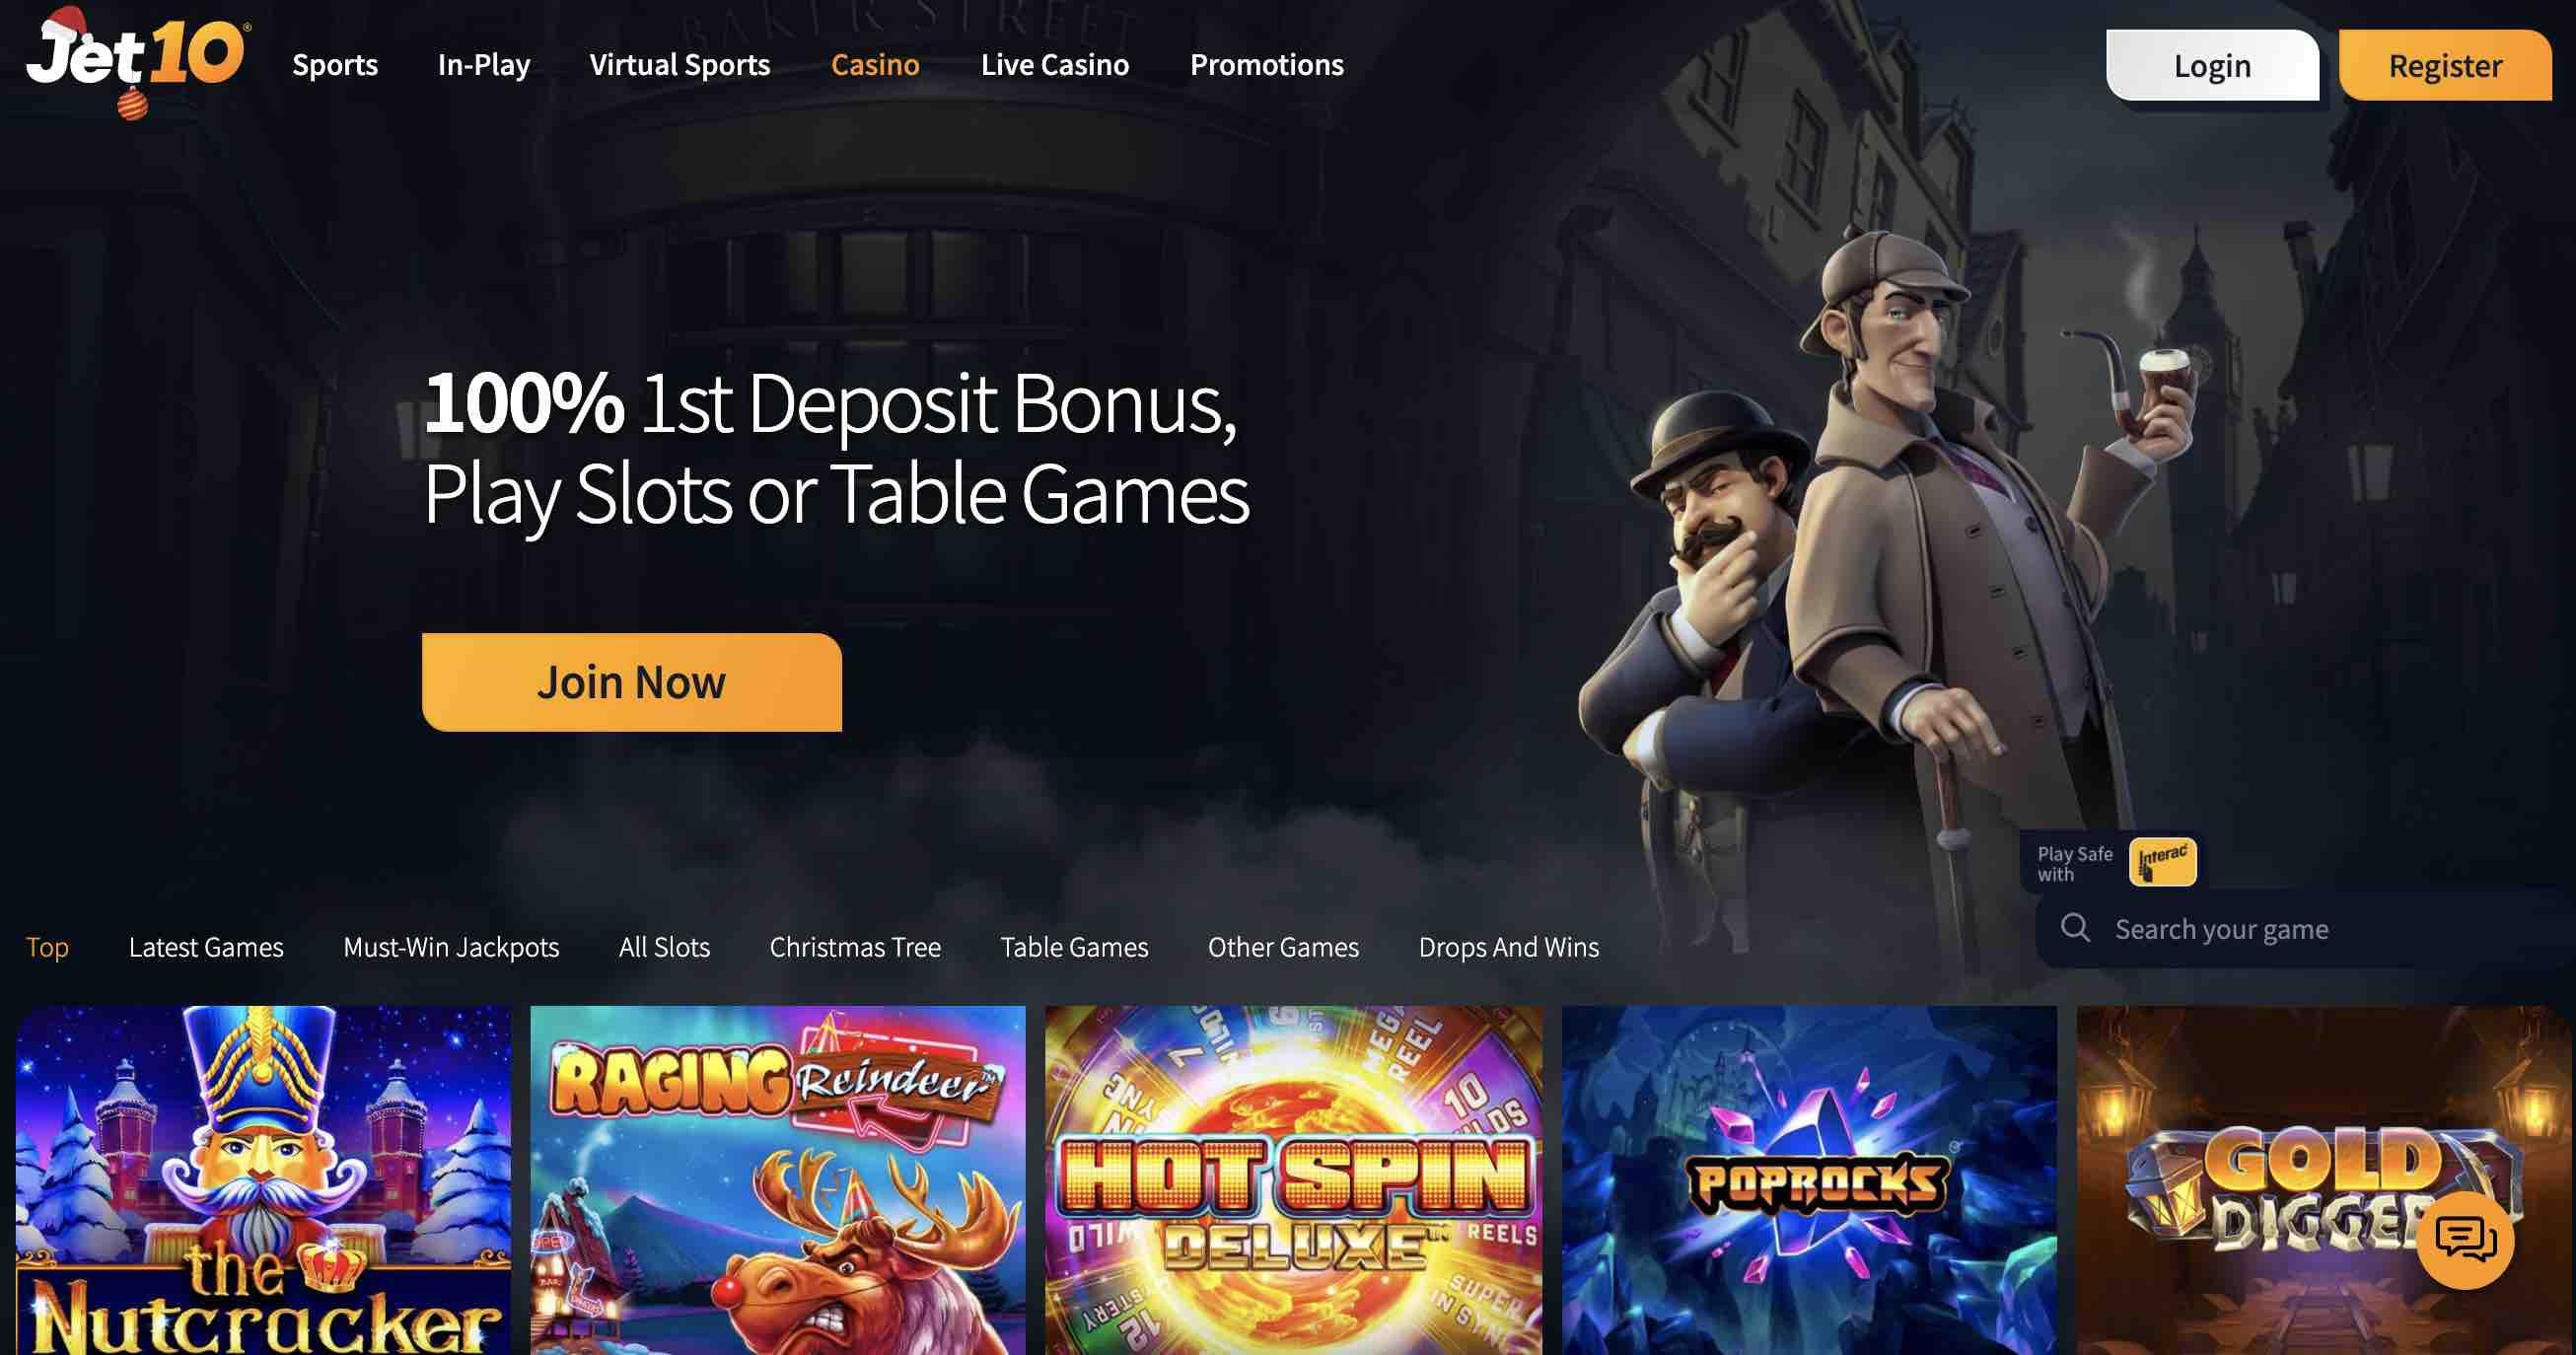 Deposit Bonus at Jet10 Casino